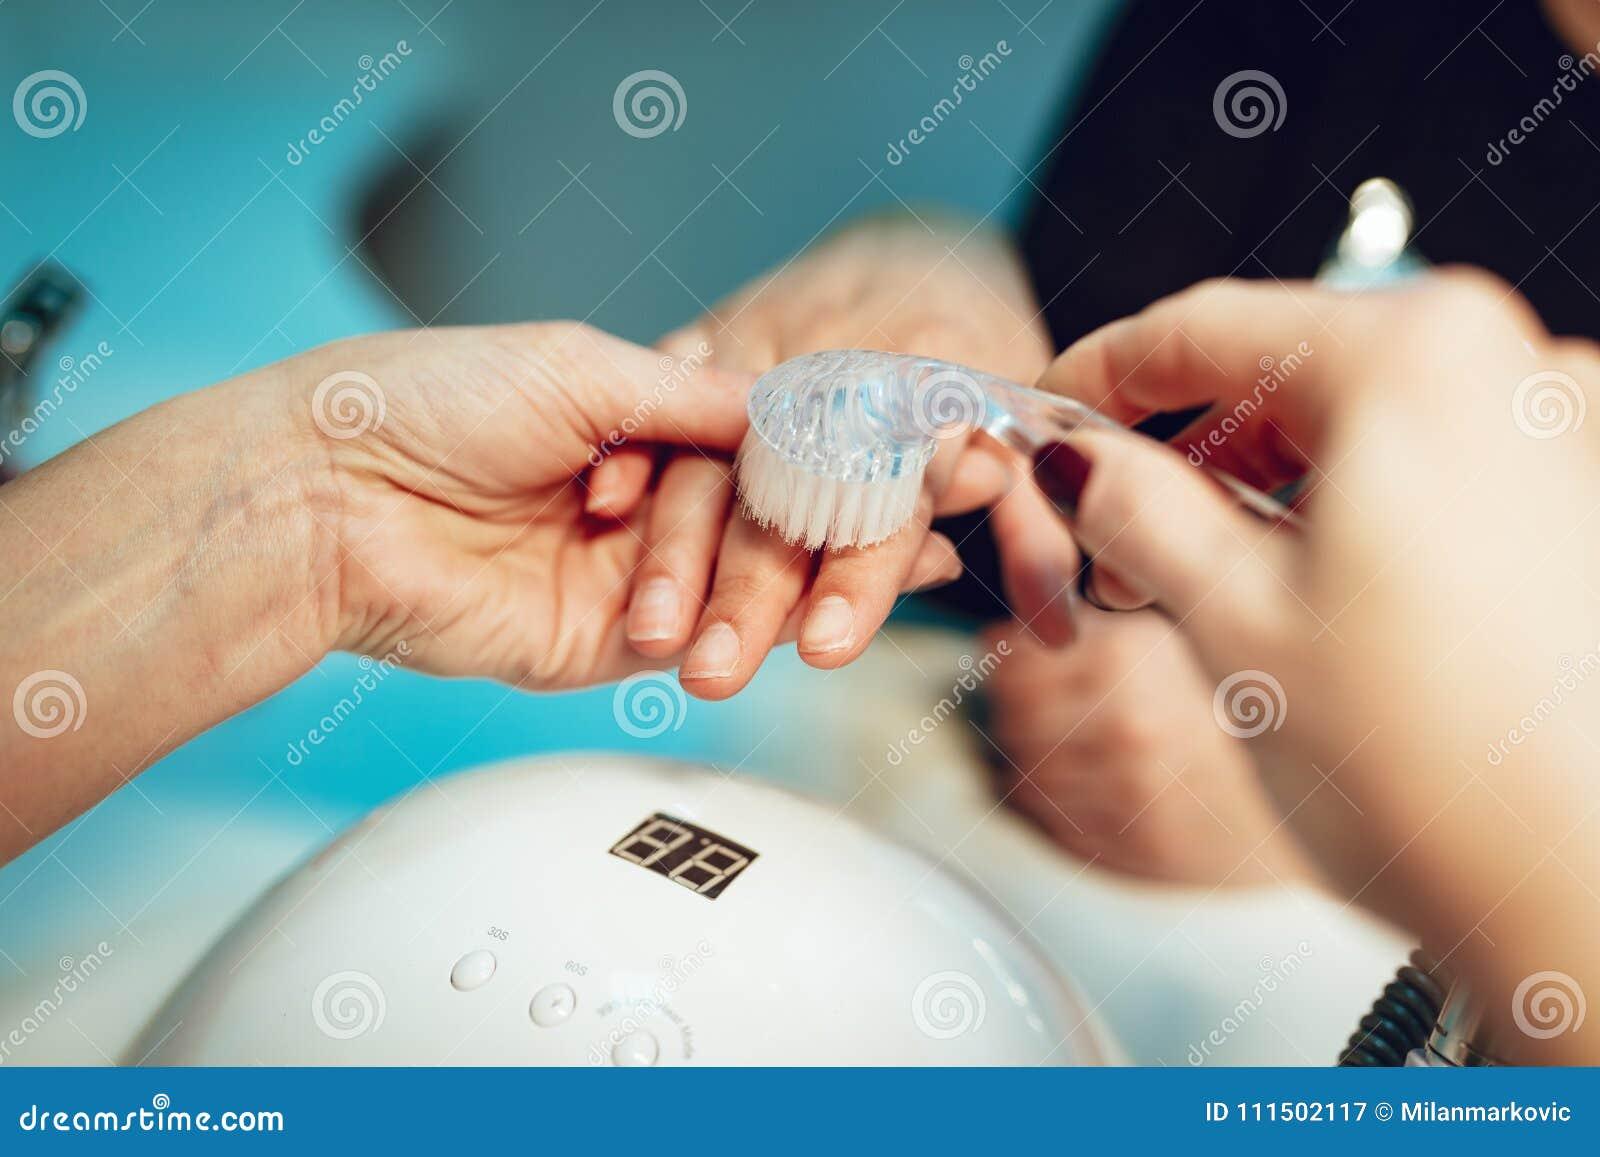 Kvinnlign hands manicurebehandling